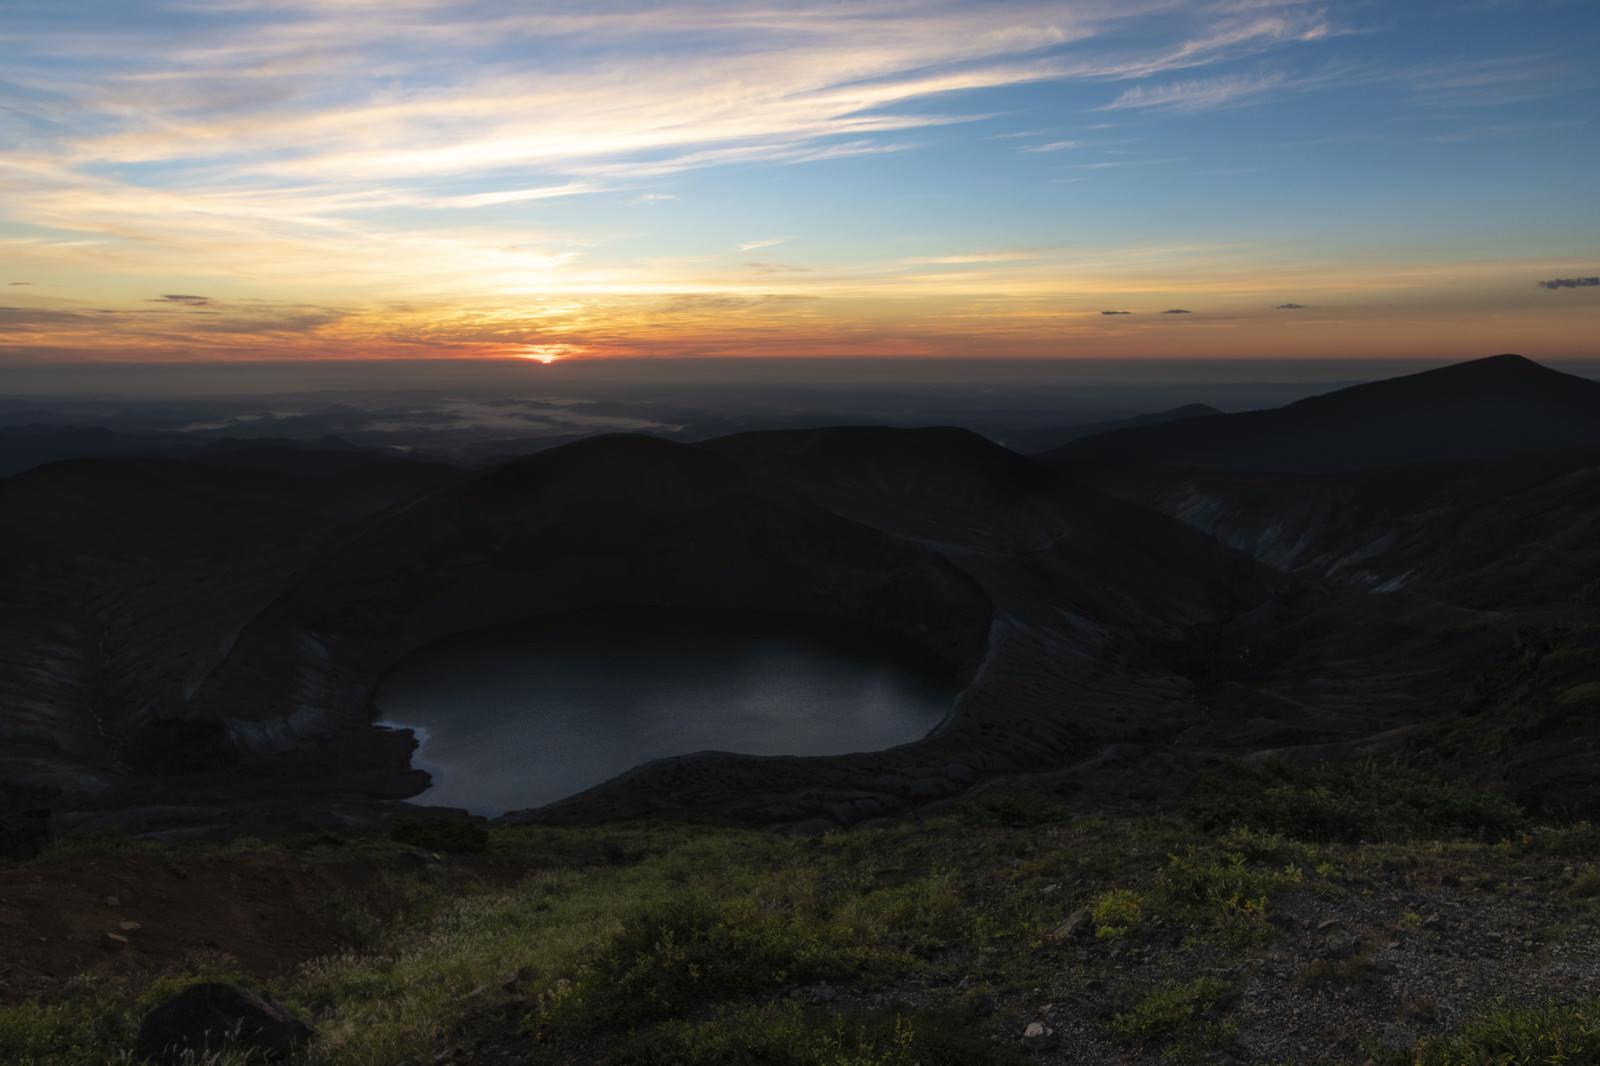 「夜明けを待つ蔵王御釜(蔵王山)」の写真